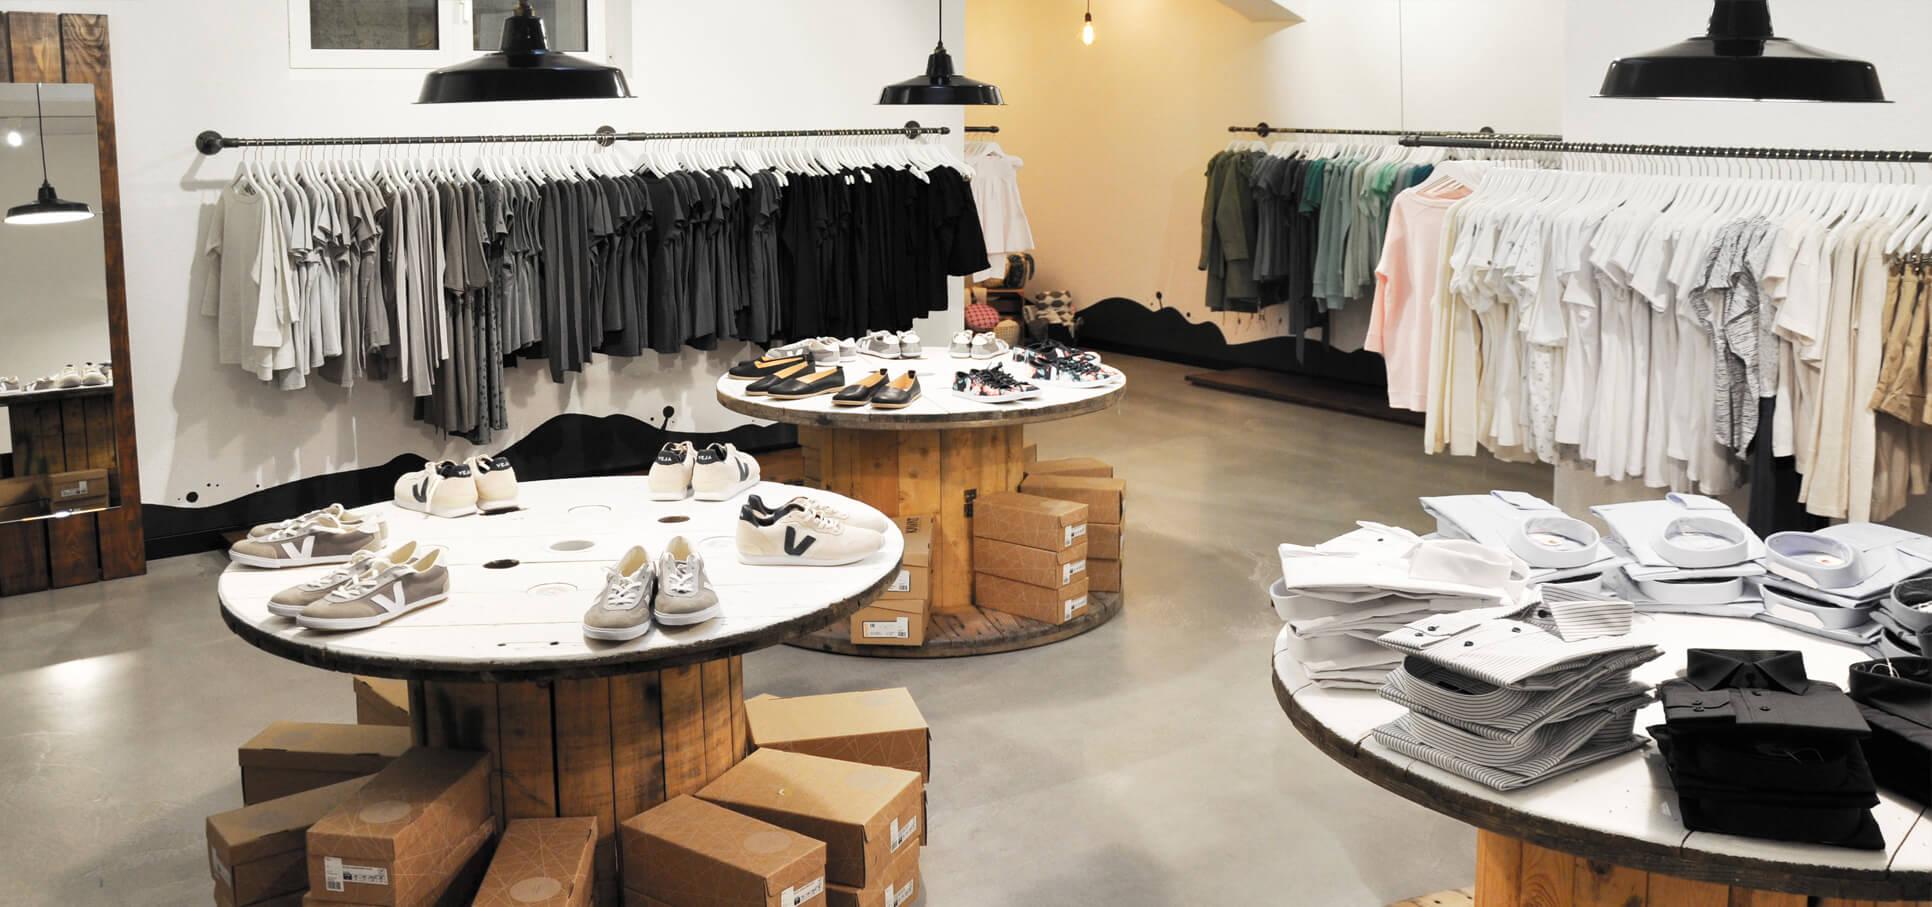 -glore-store-konzept-interieur-design-rohrfabrik-mobel-kleiderstander-2.jpg